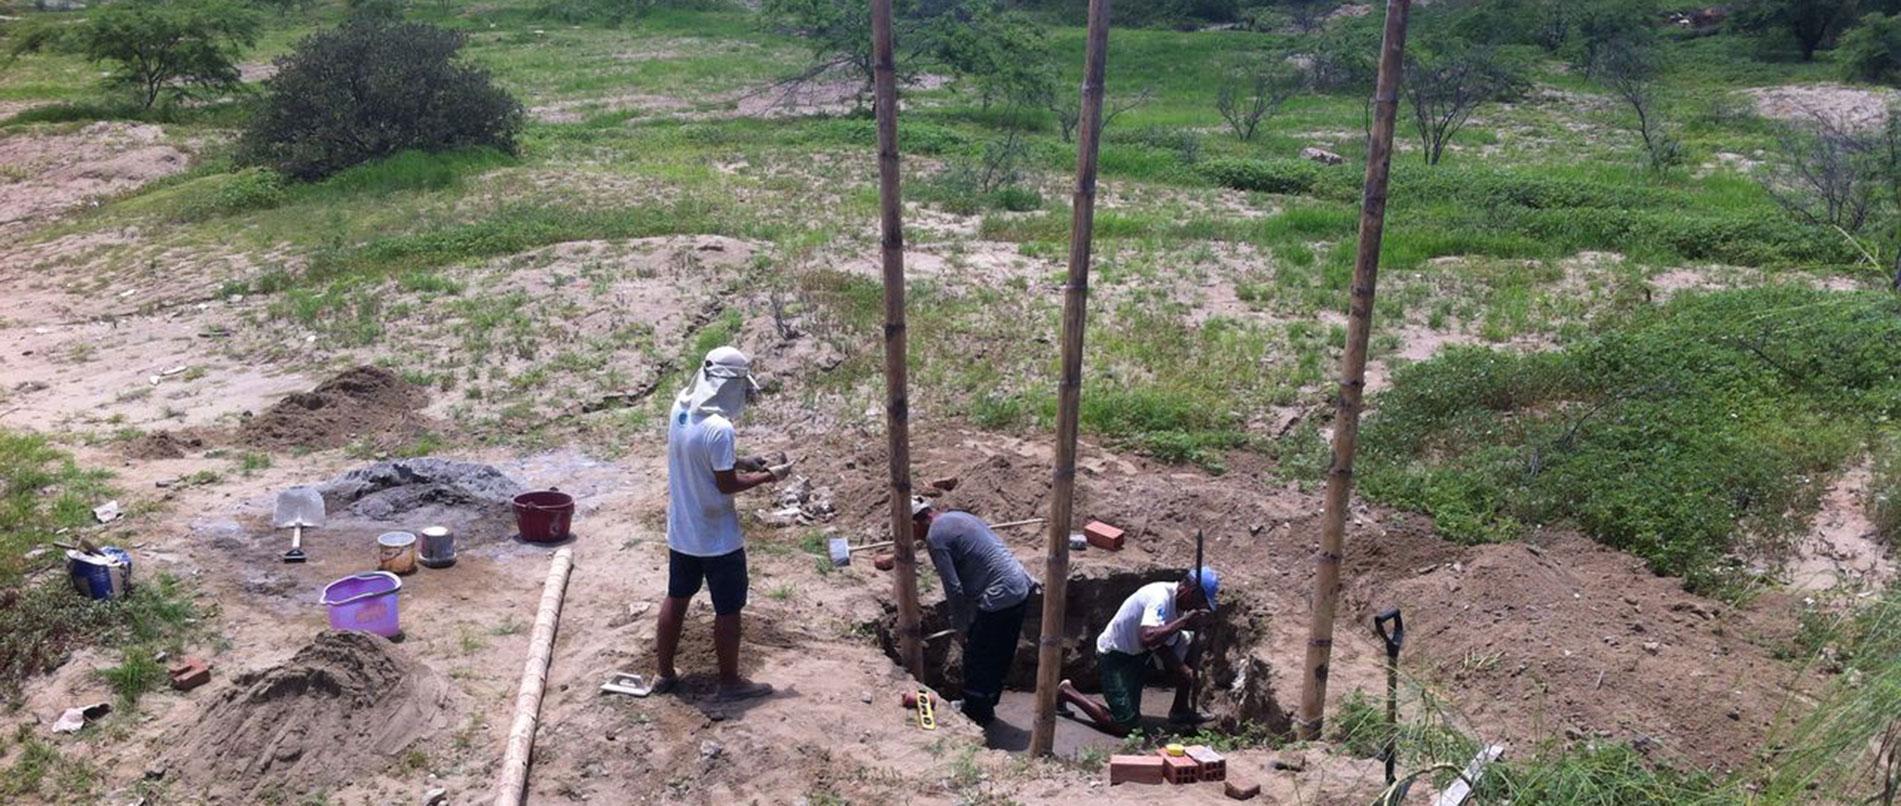 Sanitation Internship in Peru